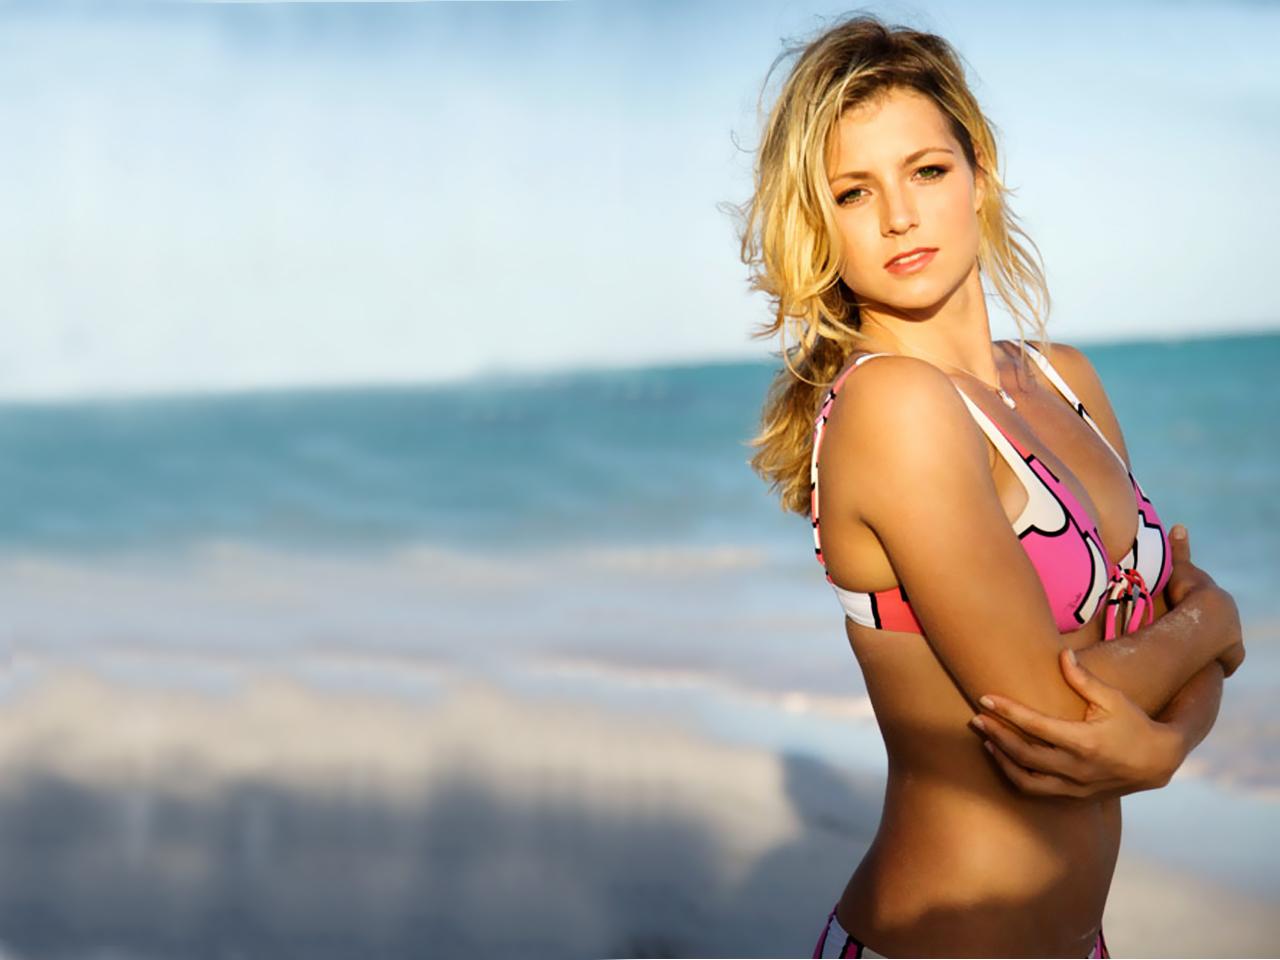 Maria Kirilenko en bikini